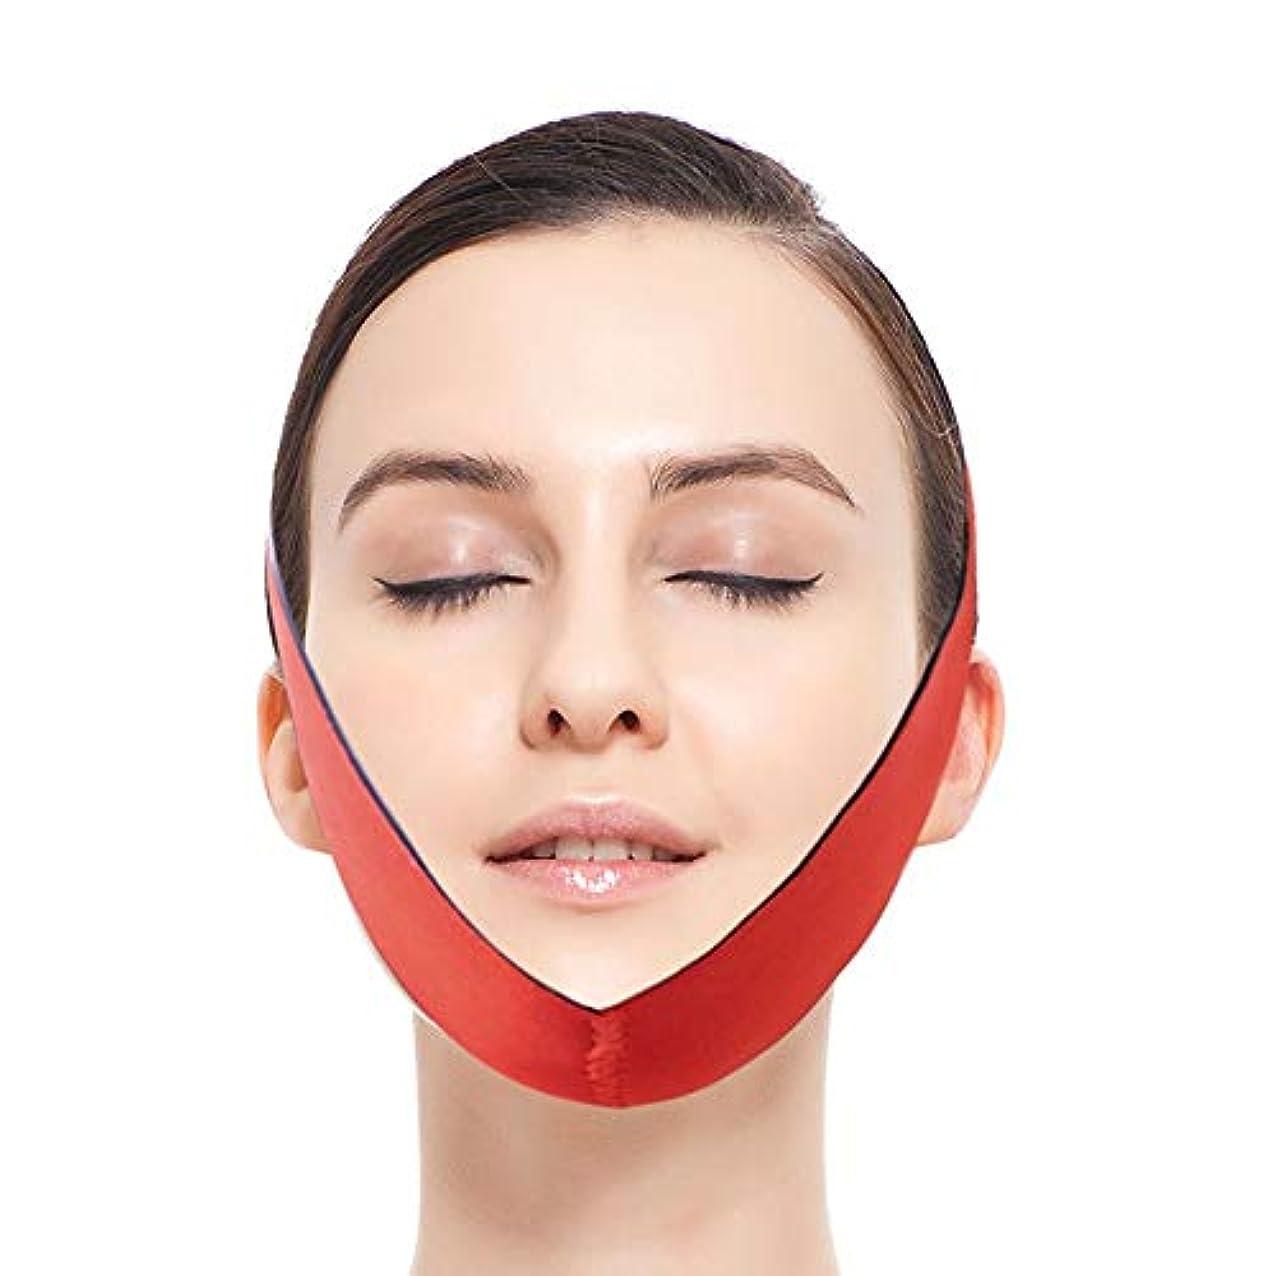 リファインロゴ格差フェイスリフティングアーティファクトVフェイス包帯マスクダブルあご引き締め顔薄い咬傷筋肉下顎矯正顔